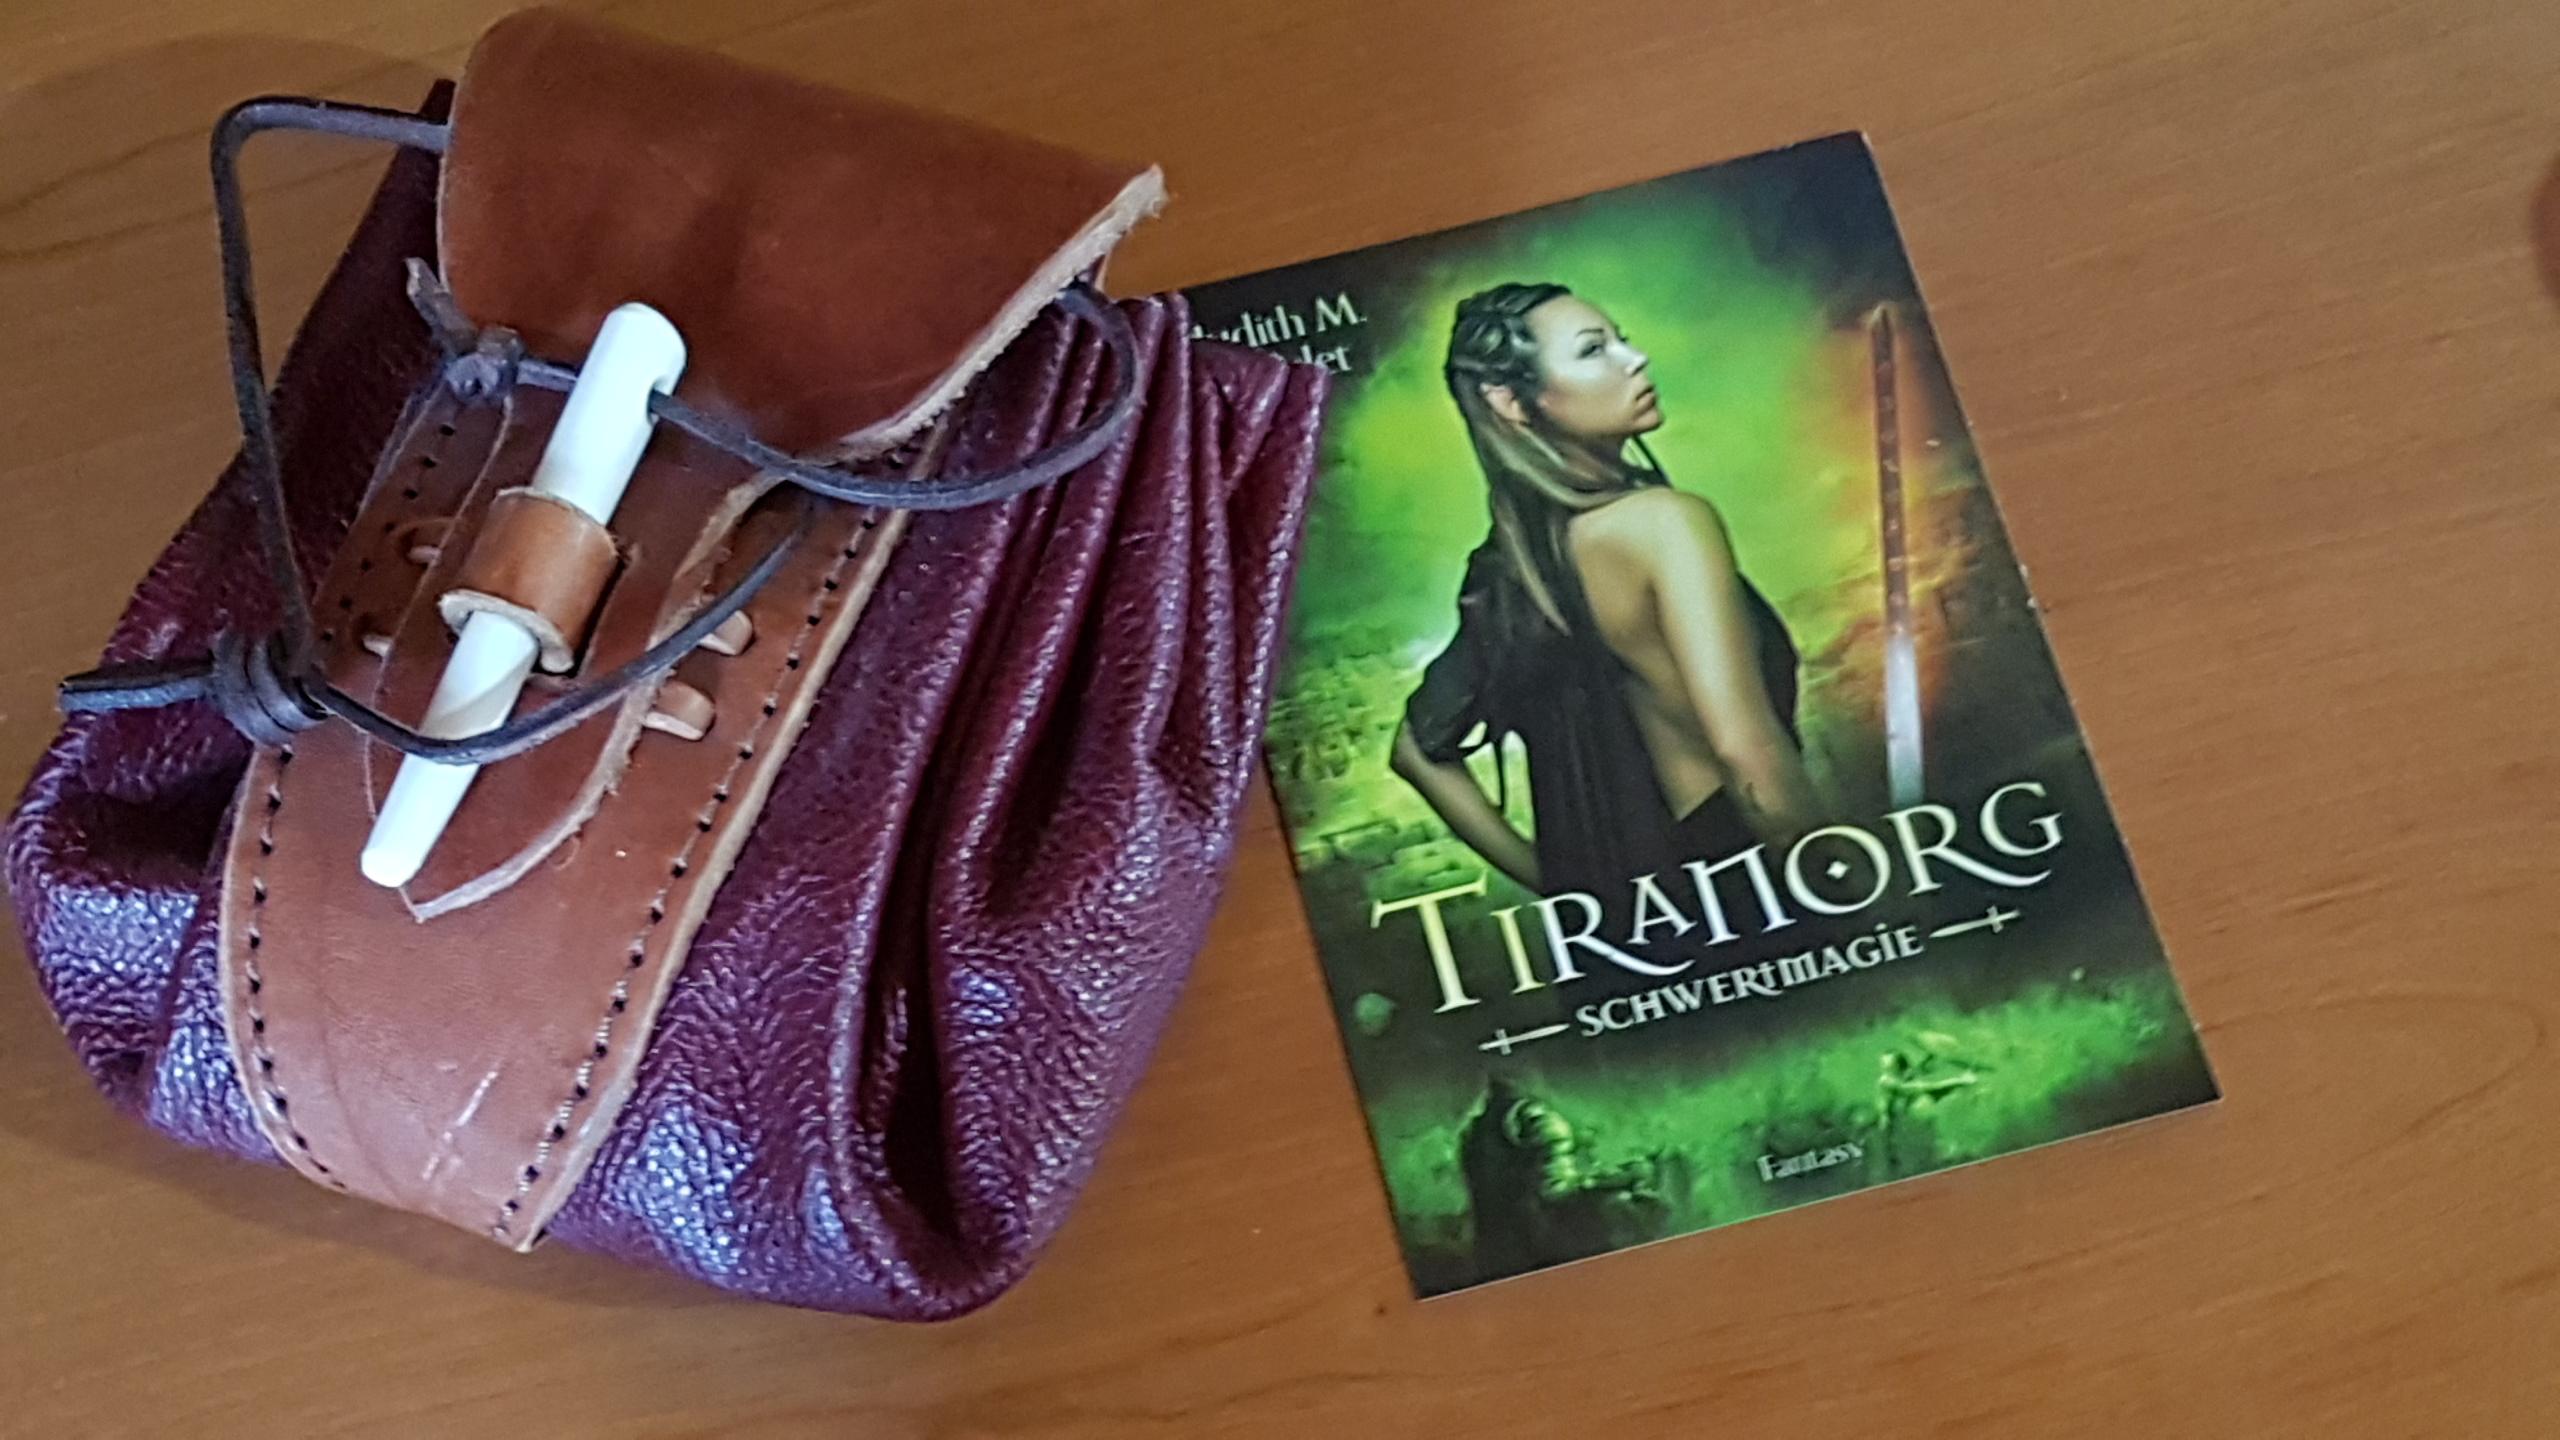 Tiranorg II erscheint am 1. Dezember !